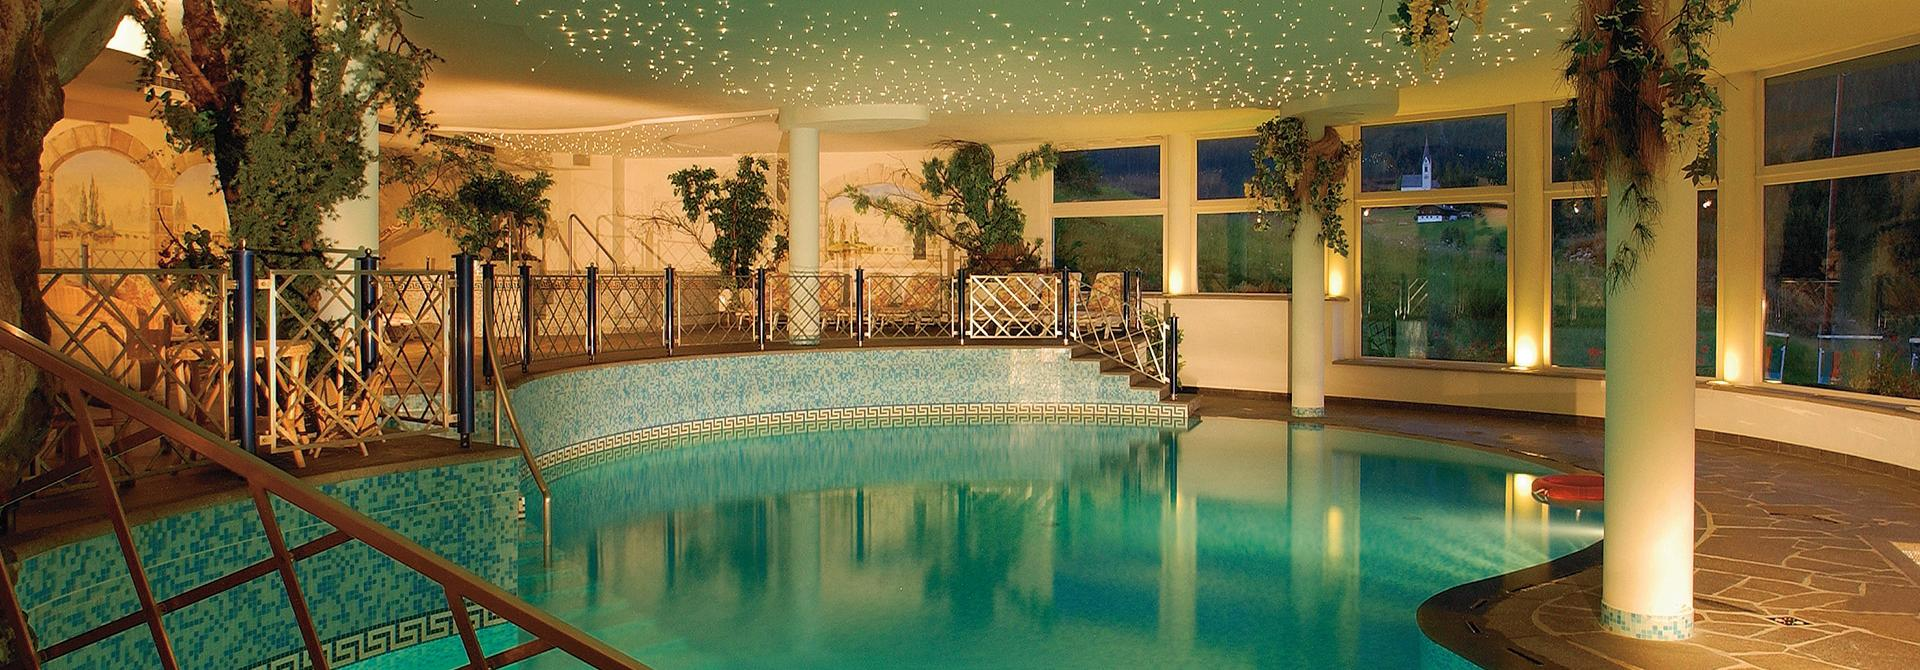 Hotel mit schwimmbad in s dtirol hallenbad 4 sterne s for Hotel dusseldorf mit schwimmbad